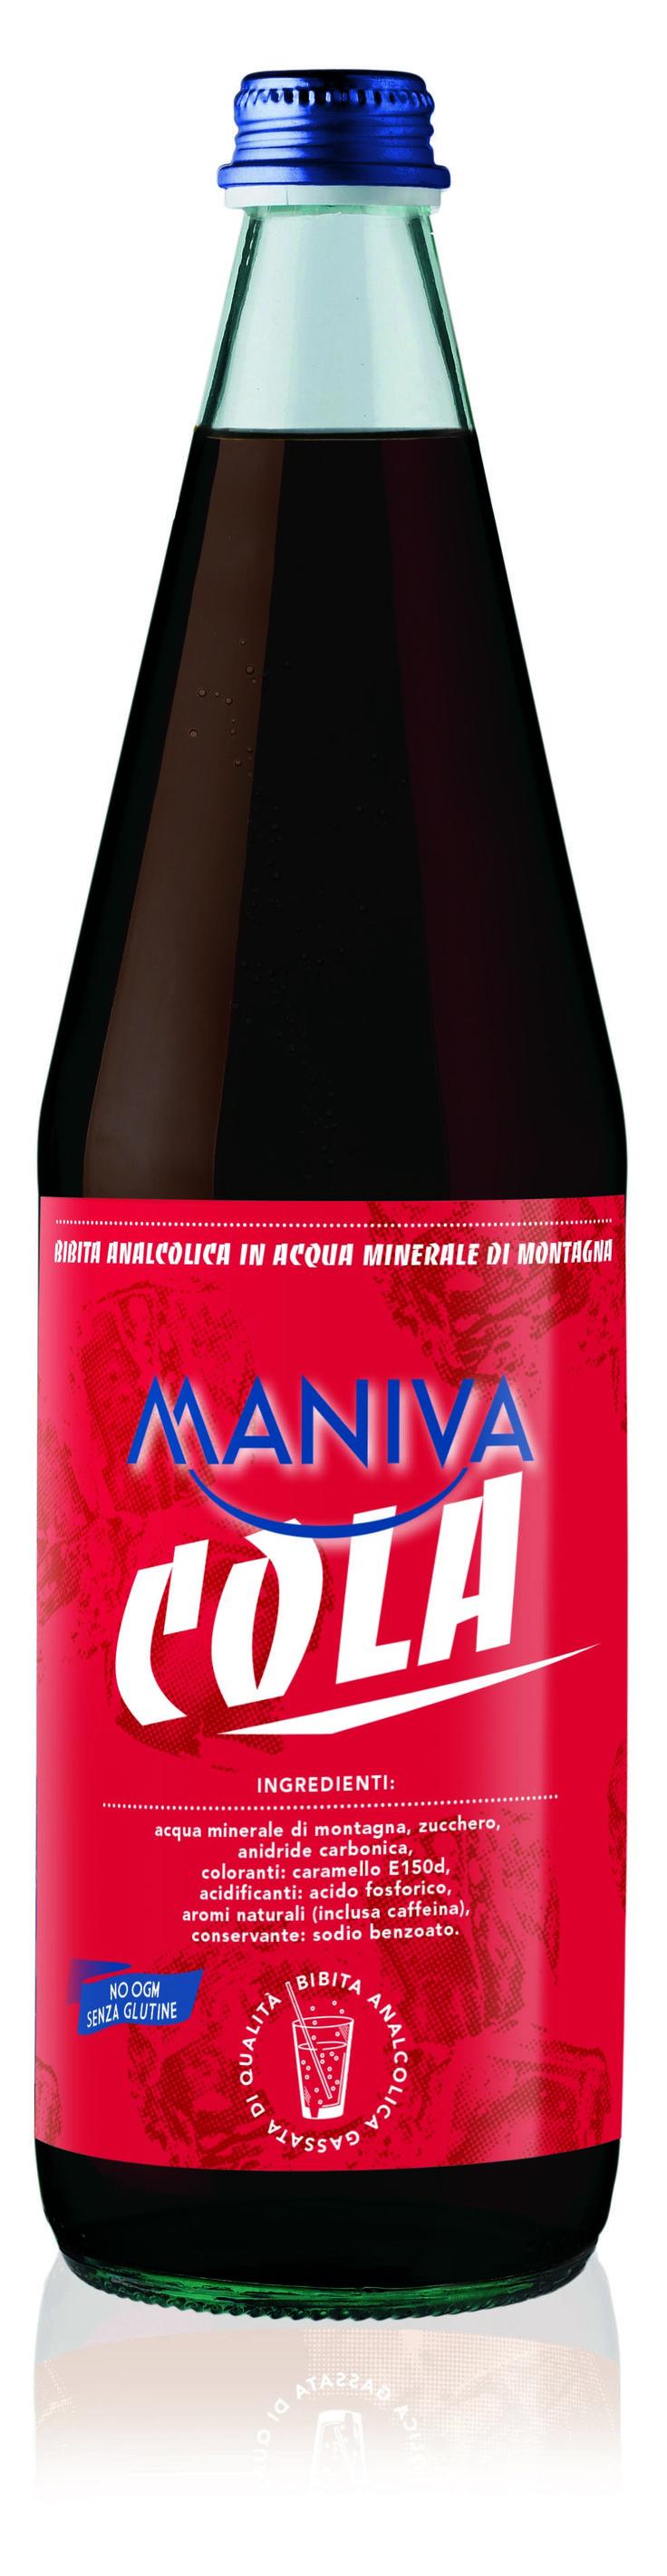 COLA Bibita analcolica frizzante, di alta qualità garantita anche dalla leggera acqua minerale di montagna di cui è composta